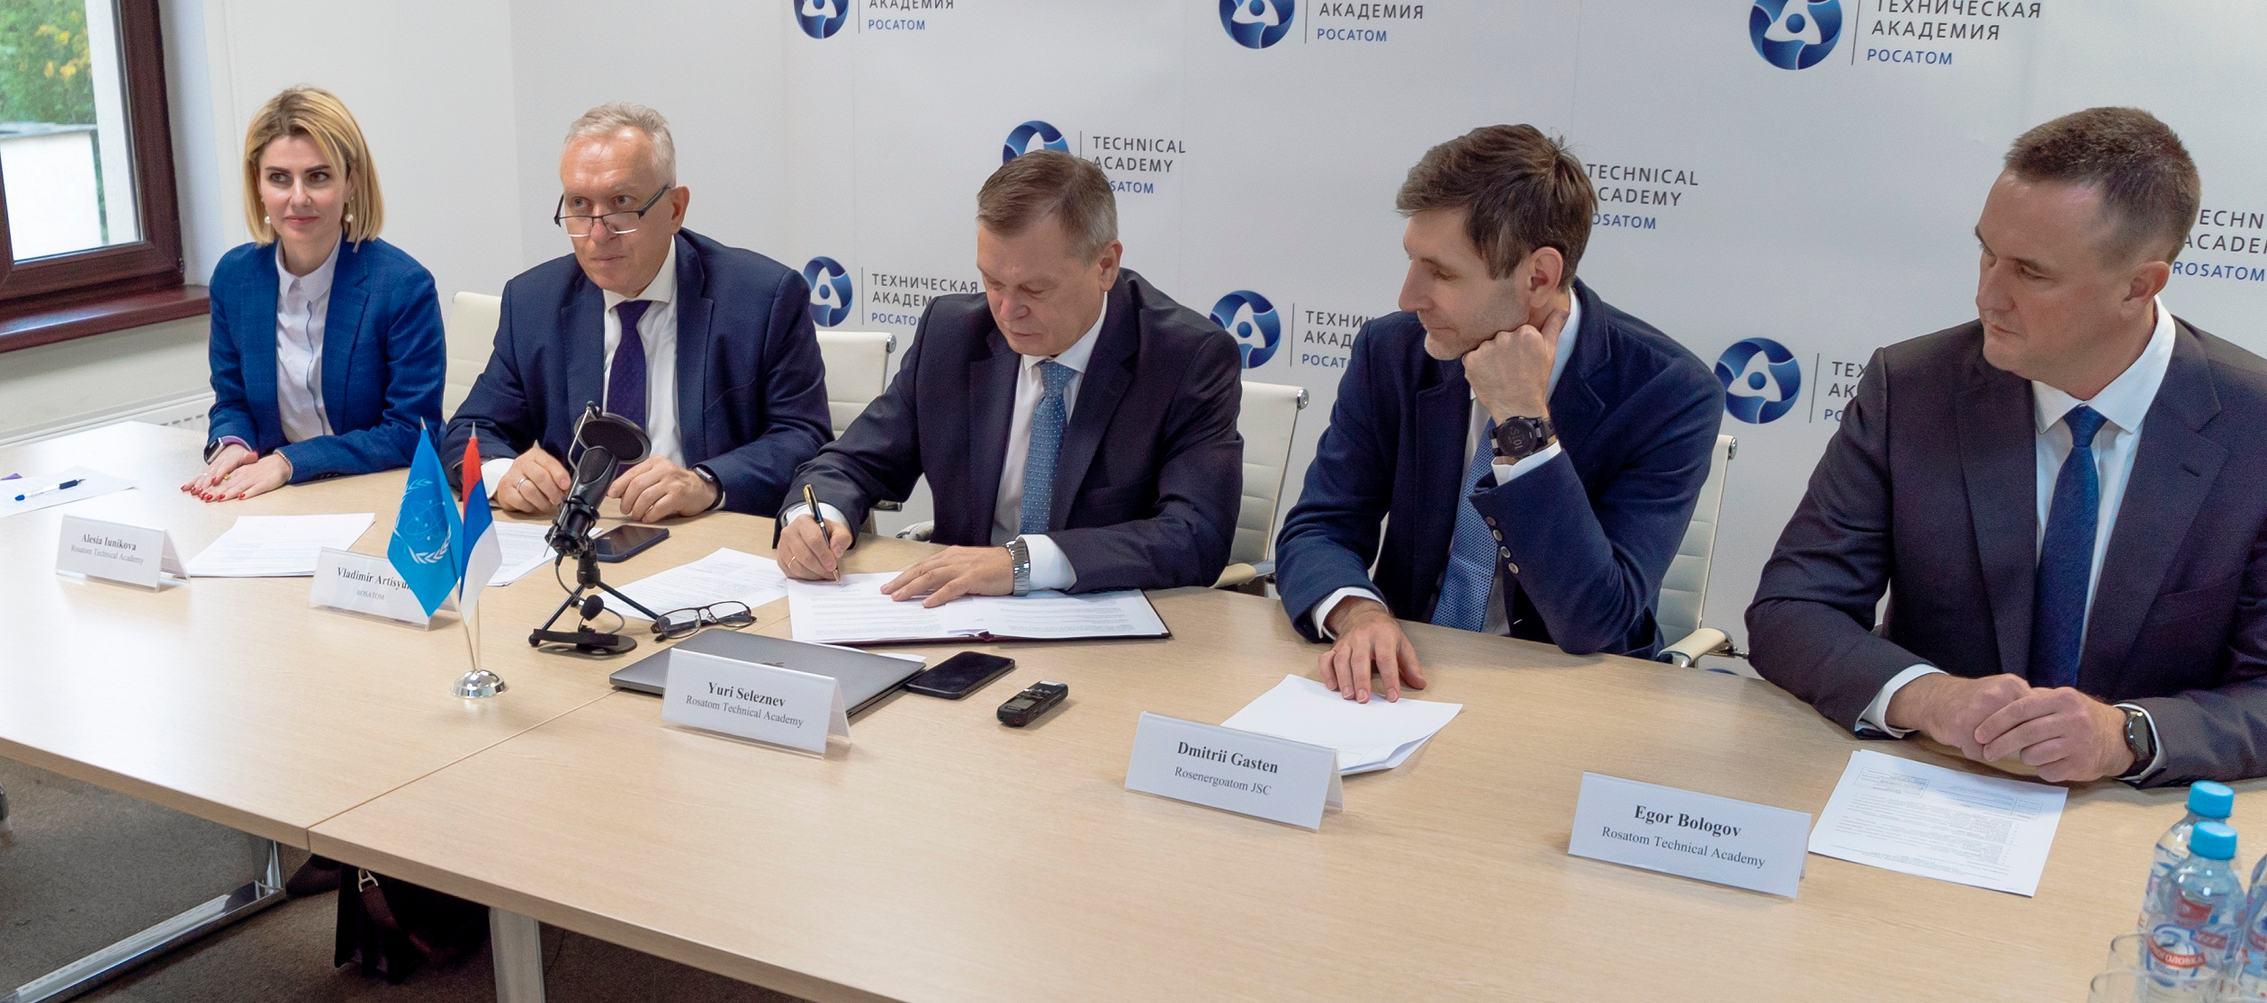 Техническая академия Росатома и МАГАТЭ подписали соглашение о сотрудничестве